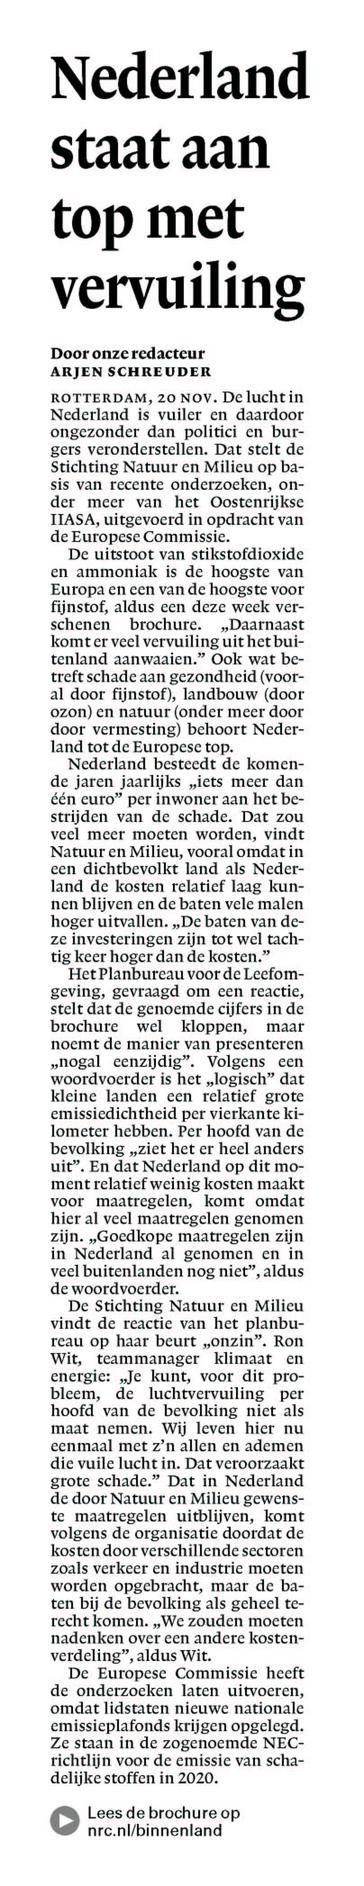 Nederland staat aan top met vervuiling